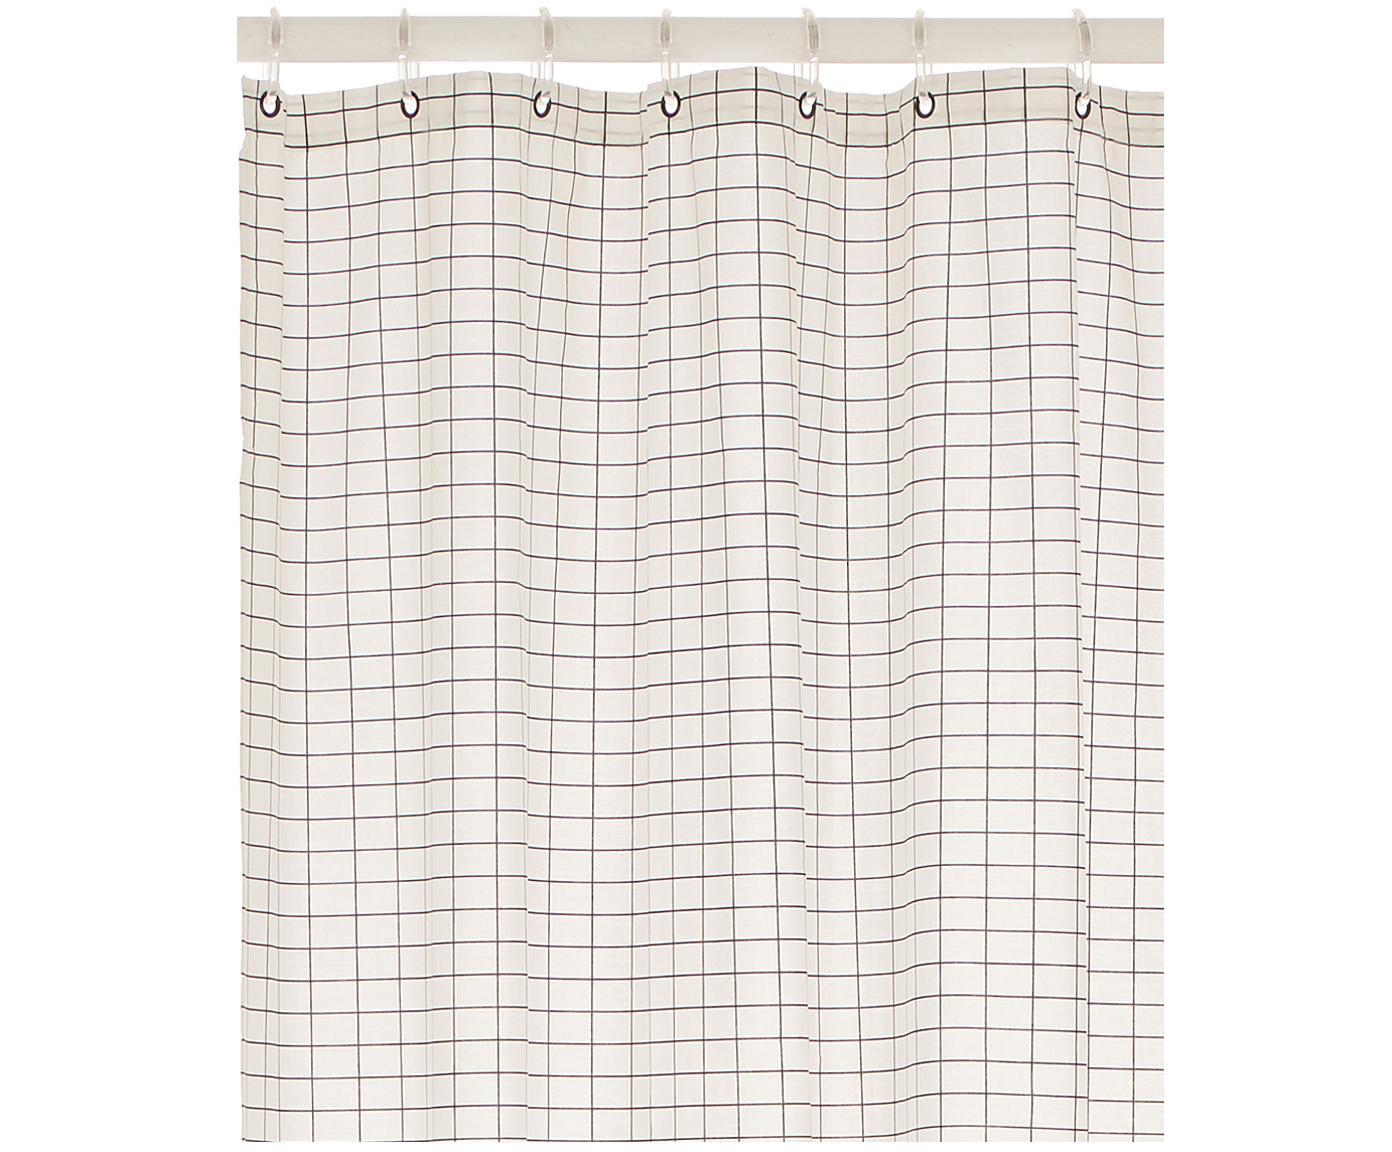 Tenda da doccia sottile in cotone misto Tile, Occhielli: acciaio inossidabile nich, Nero, bianco, Larg. 150 x Lung. 200 cm